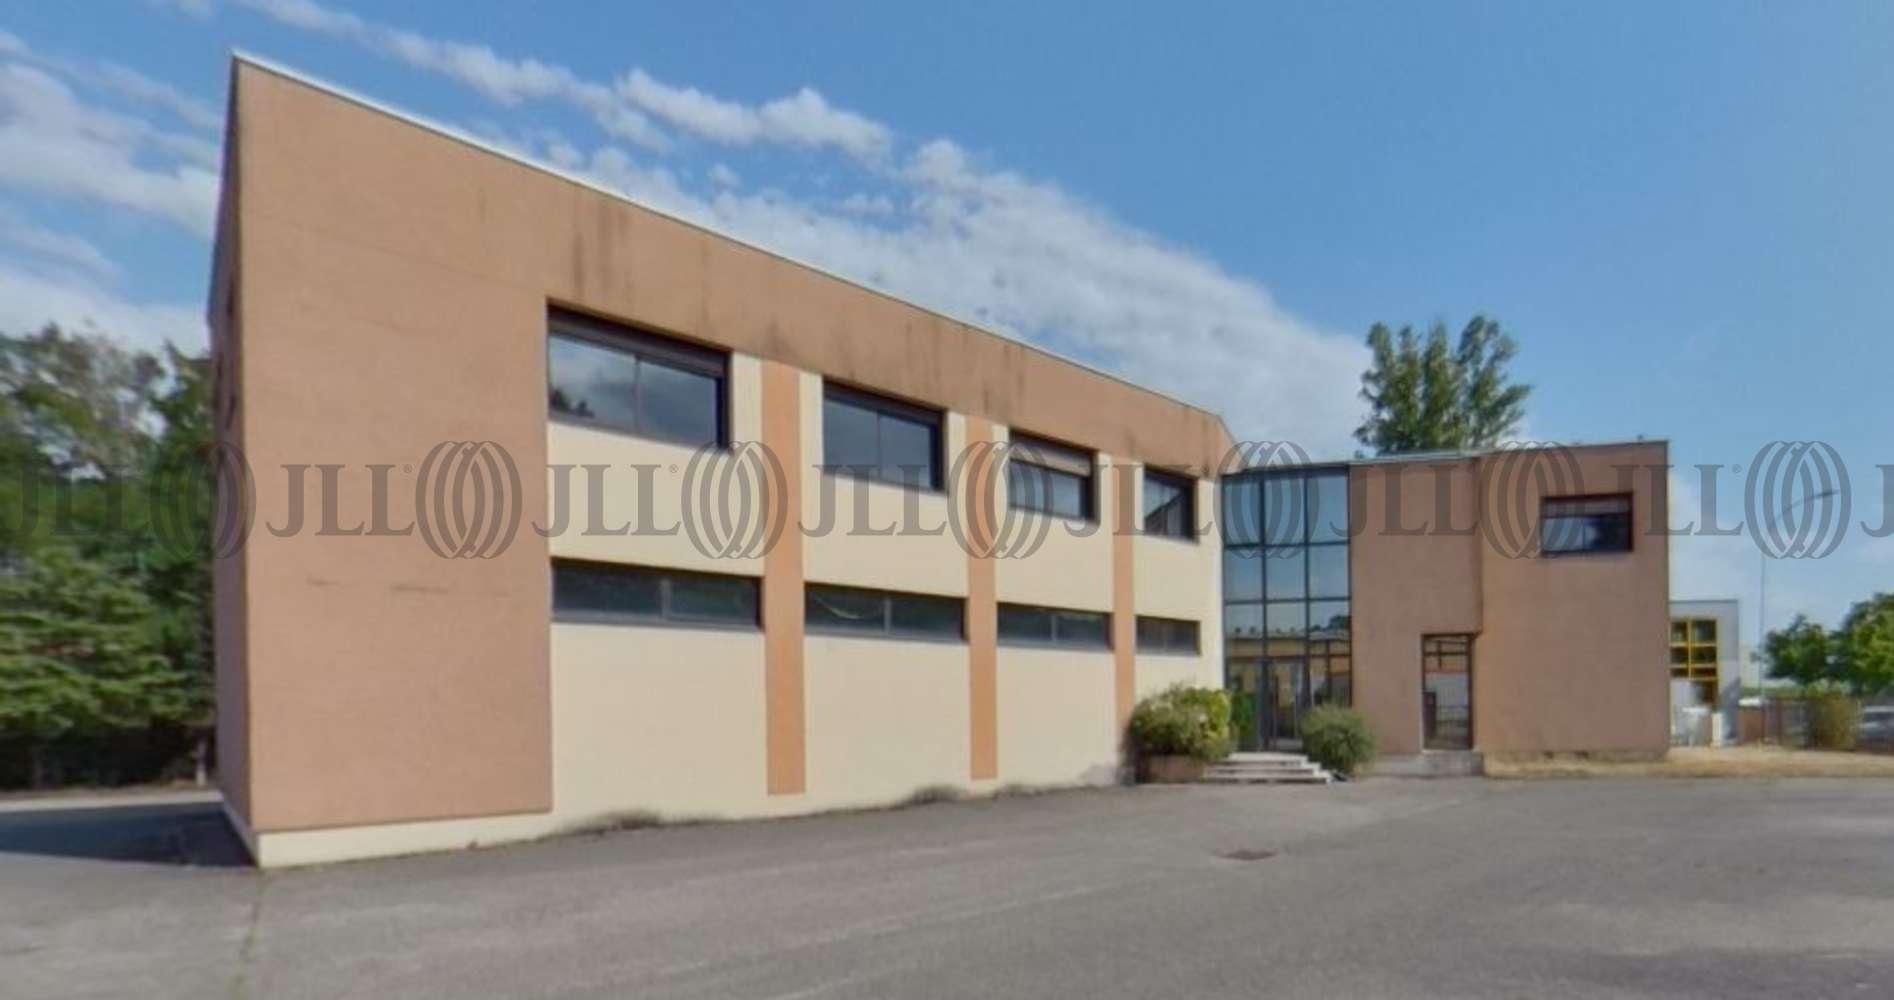 Activités/entrepôt Chaponost, 69630 - LOCATION LOCAUX MIXTES LYON SUD OUEST - 10901651